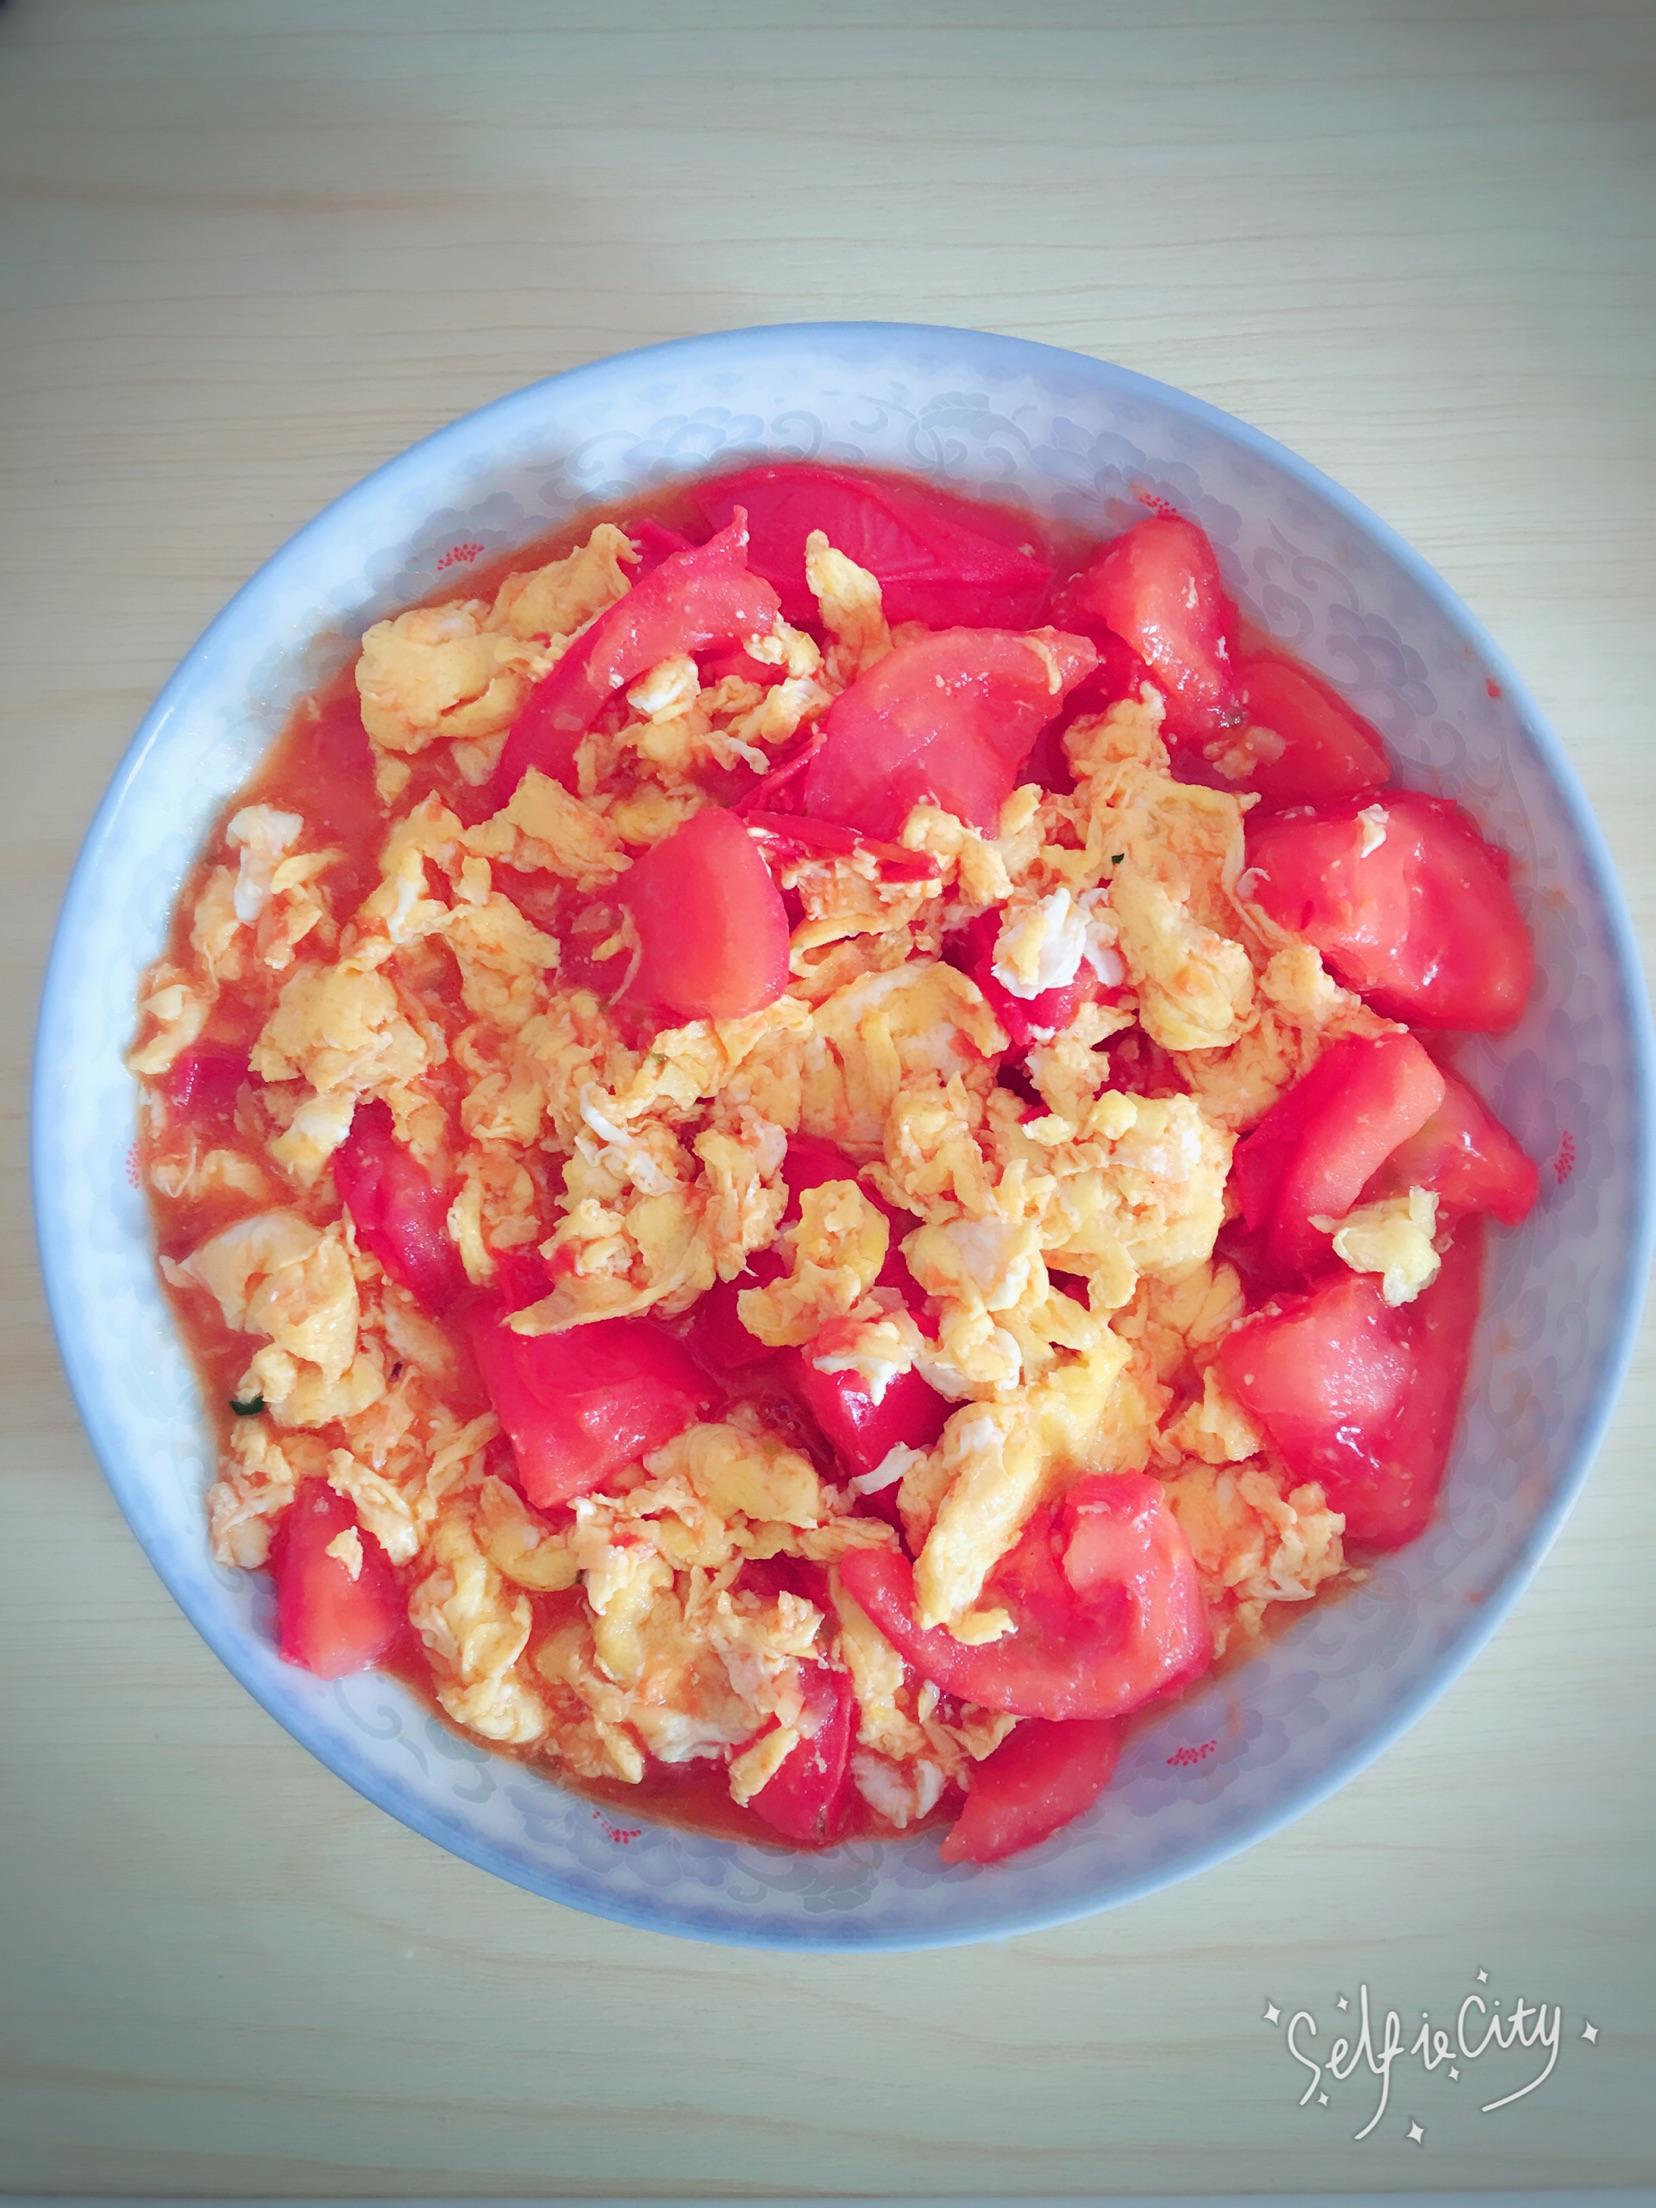 难度:切墩(初级)   主料 盐 油 西红柿炒鸡蛋的做法步骤        本